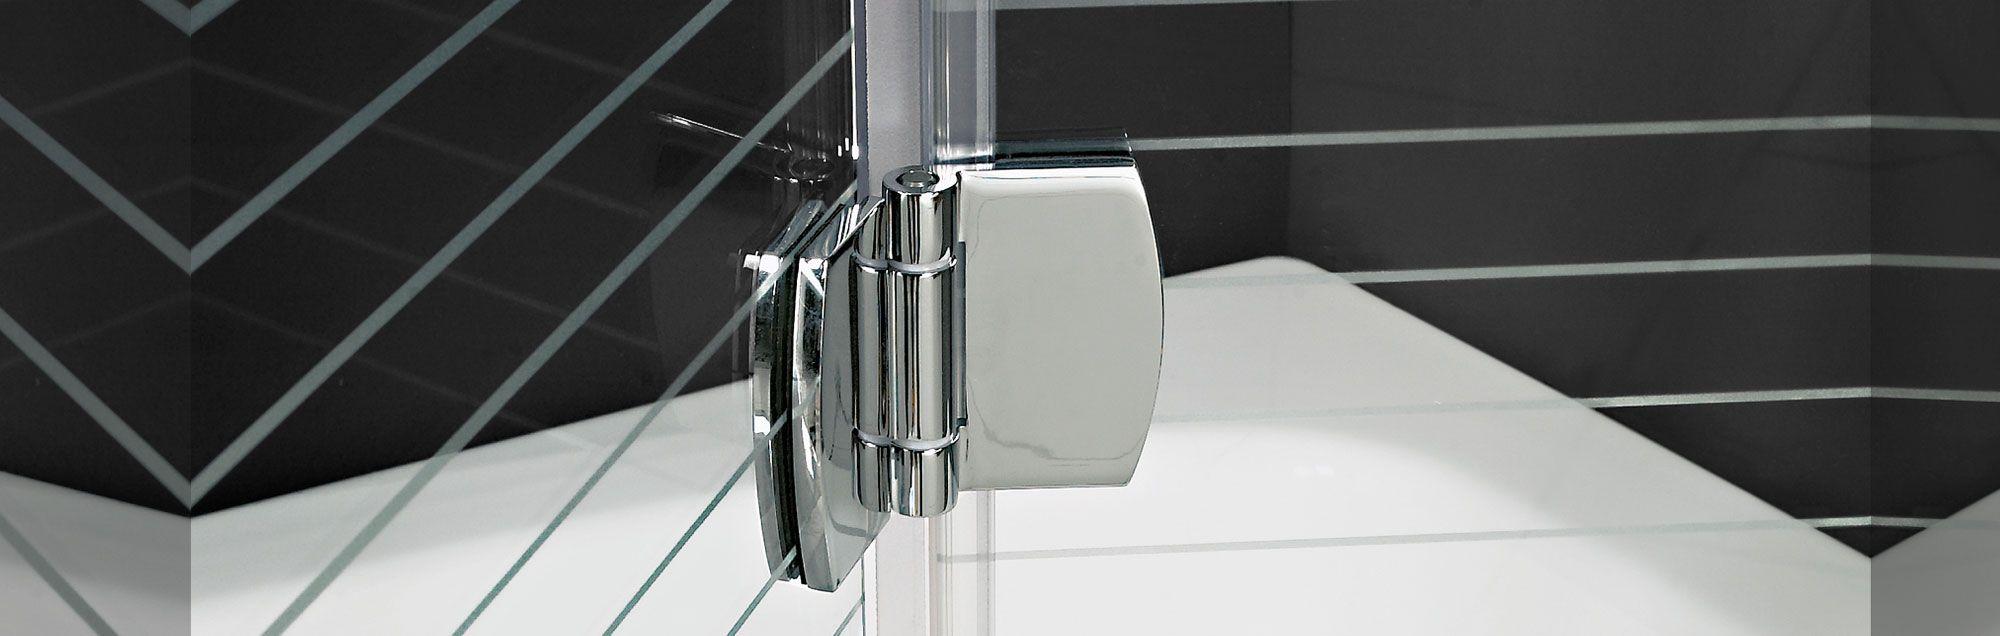 Serie Newglass de mamparas plegables de bañera a medida